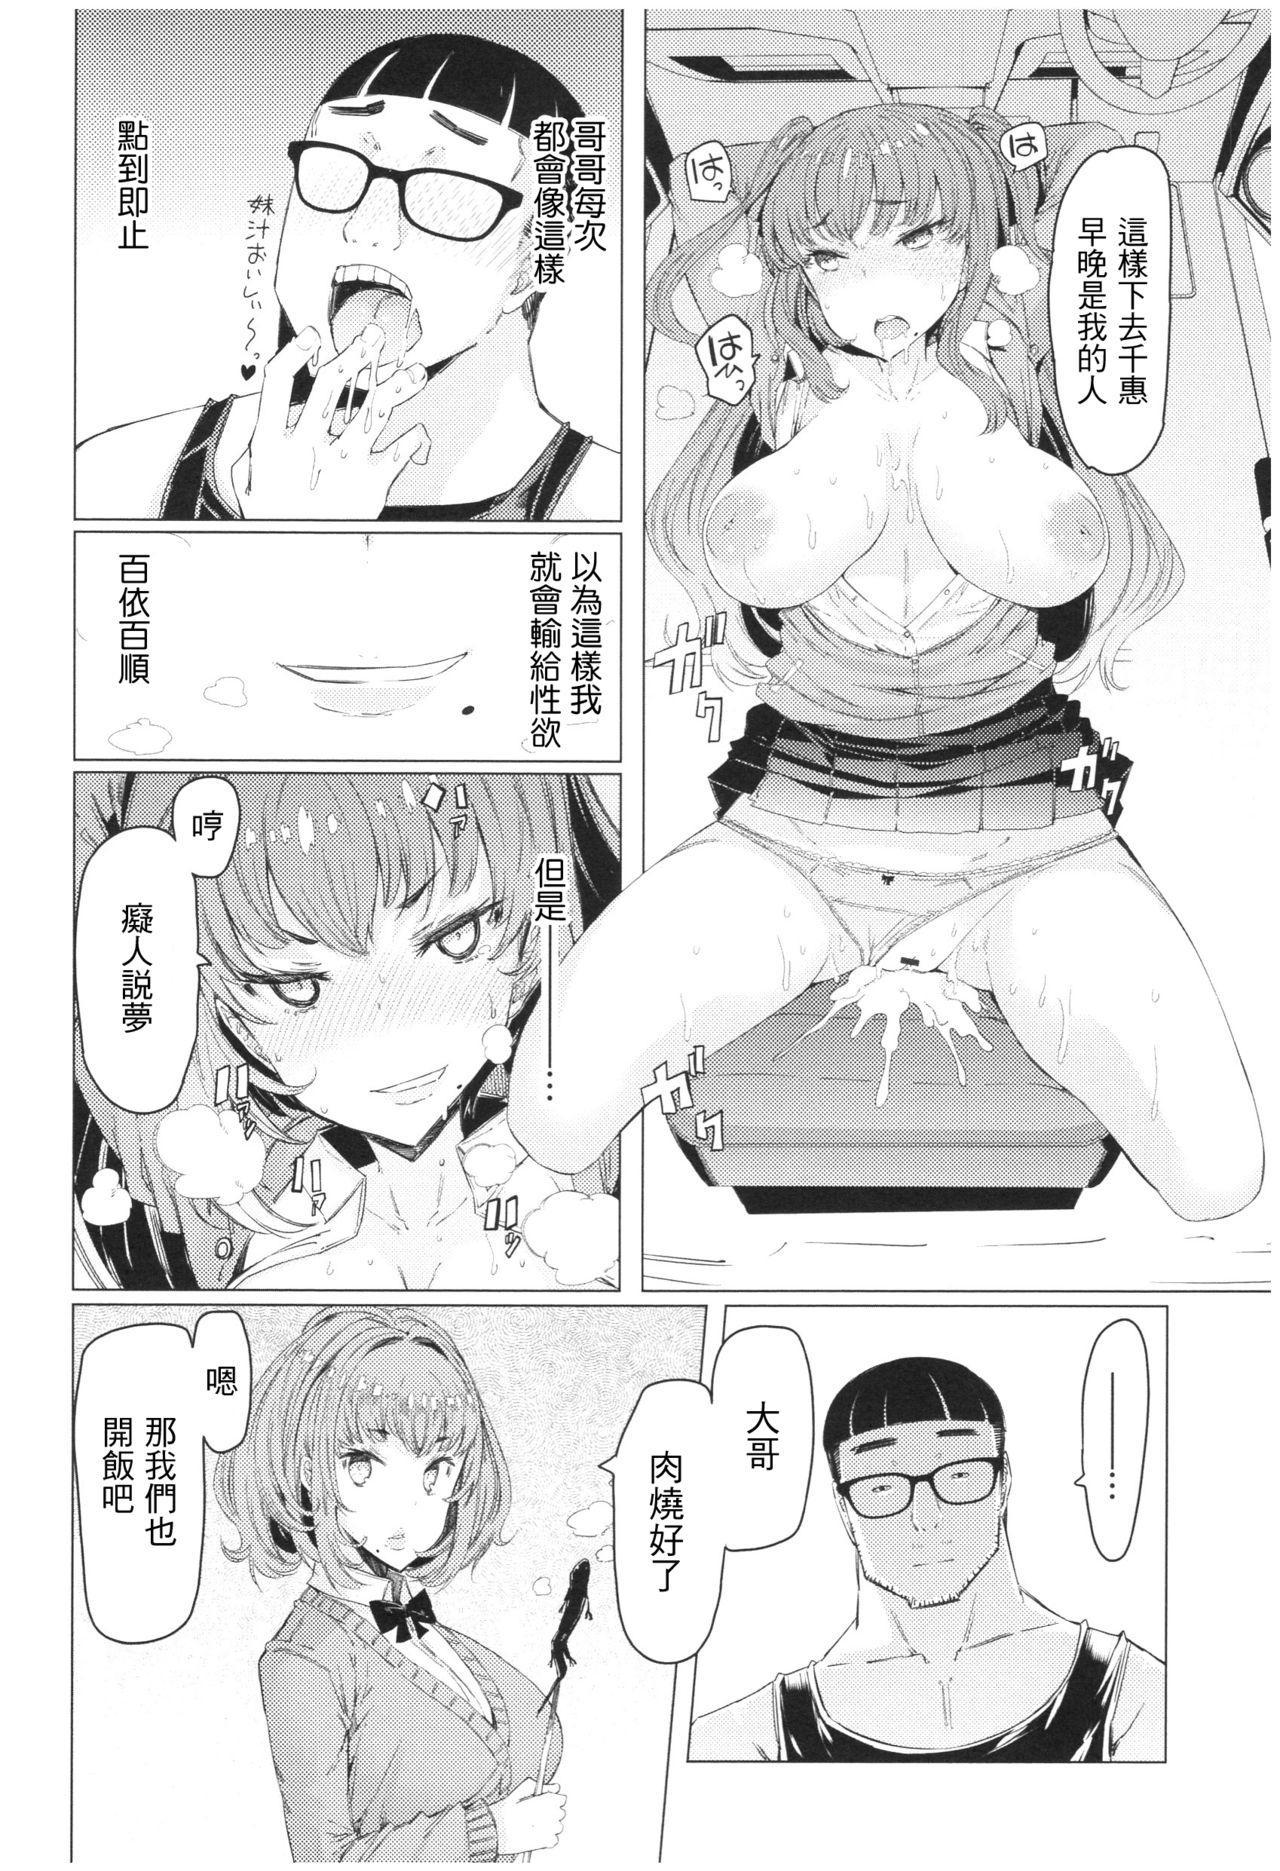 Ochita Kyoudai no 13-nichi Gougan Imouto no Otoshikata 52